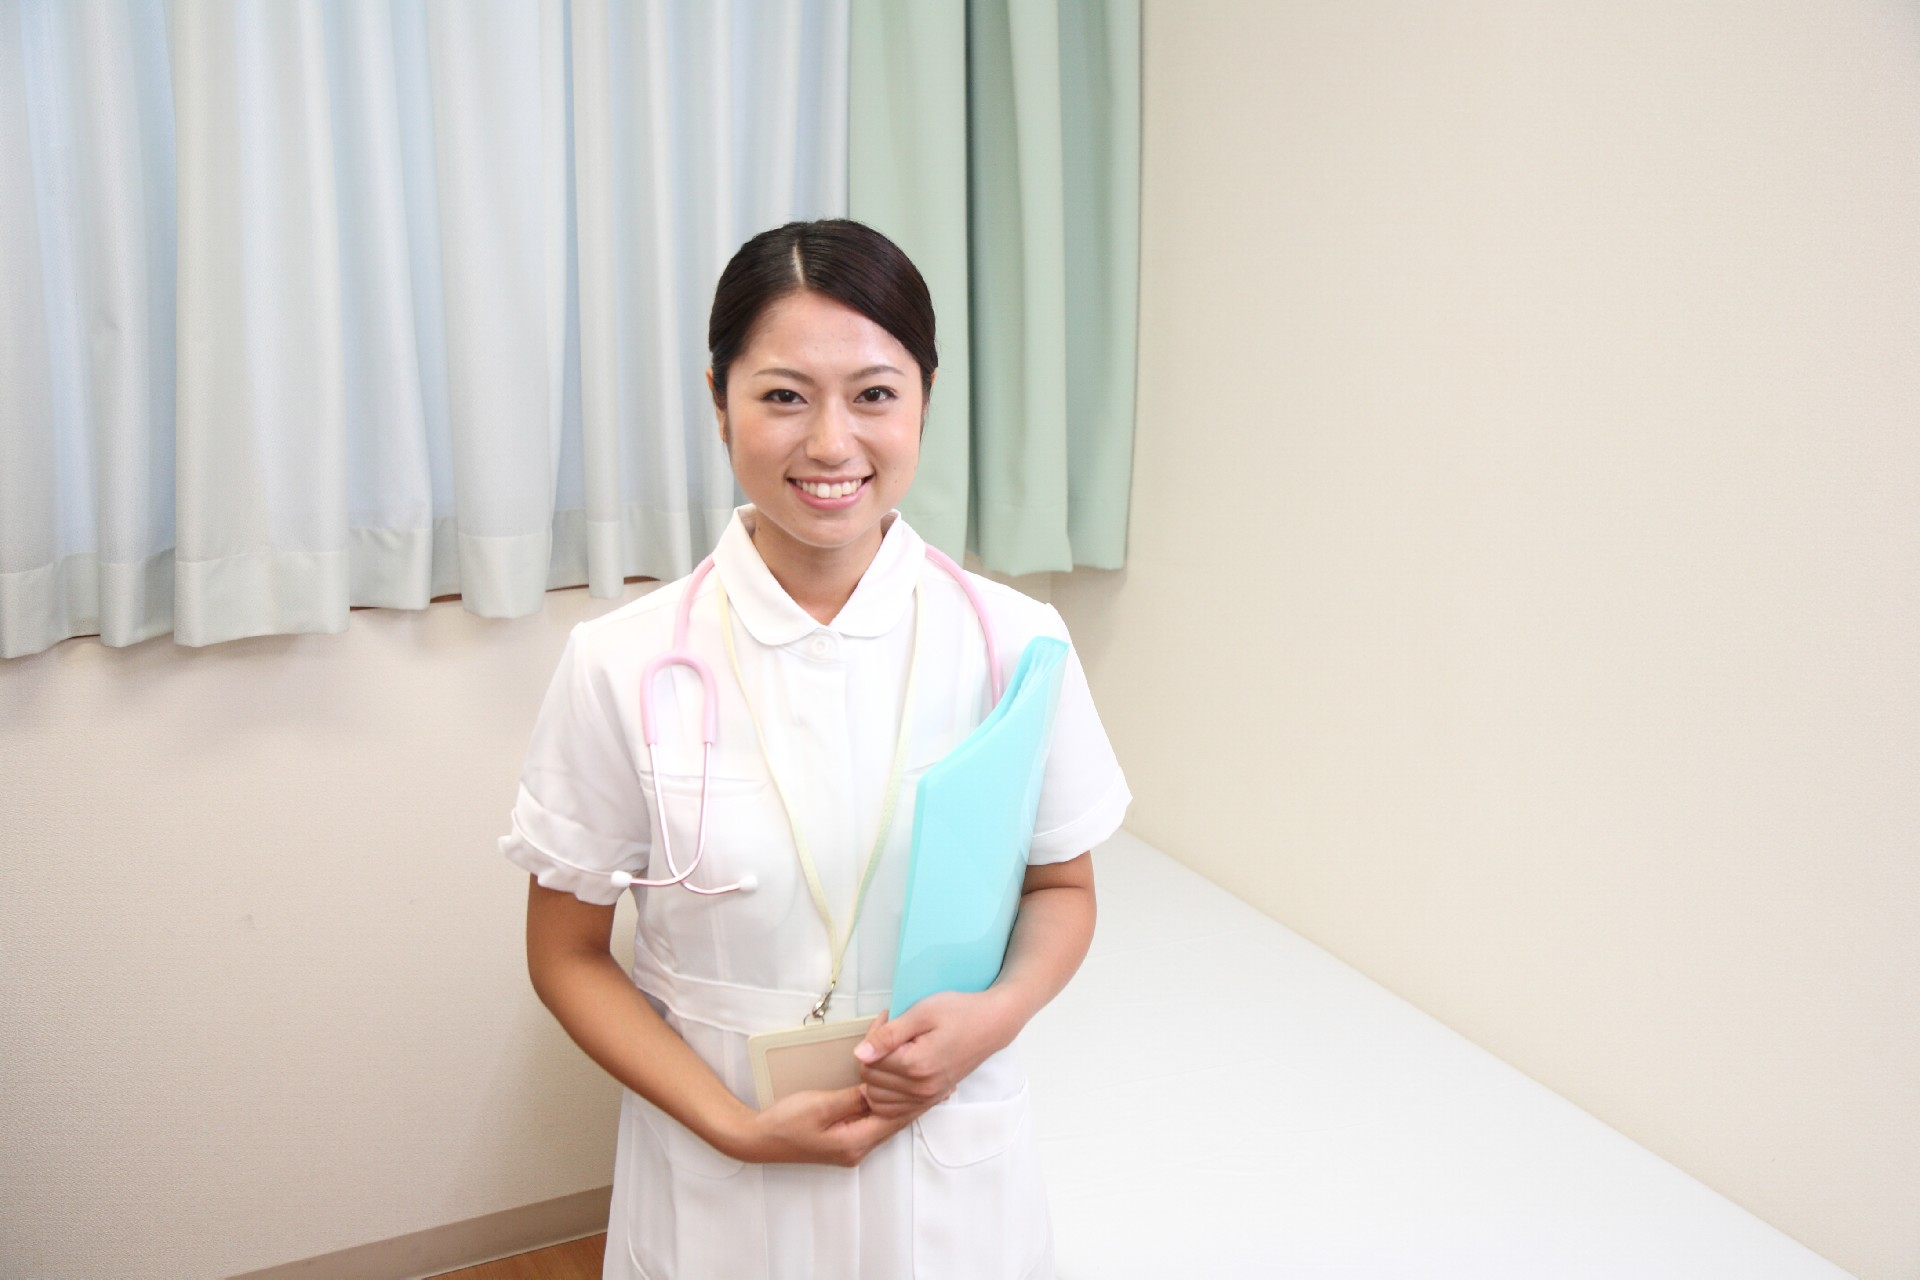 看護師になろうとする時に、看護師になってみたけどという時に